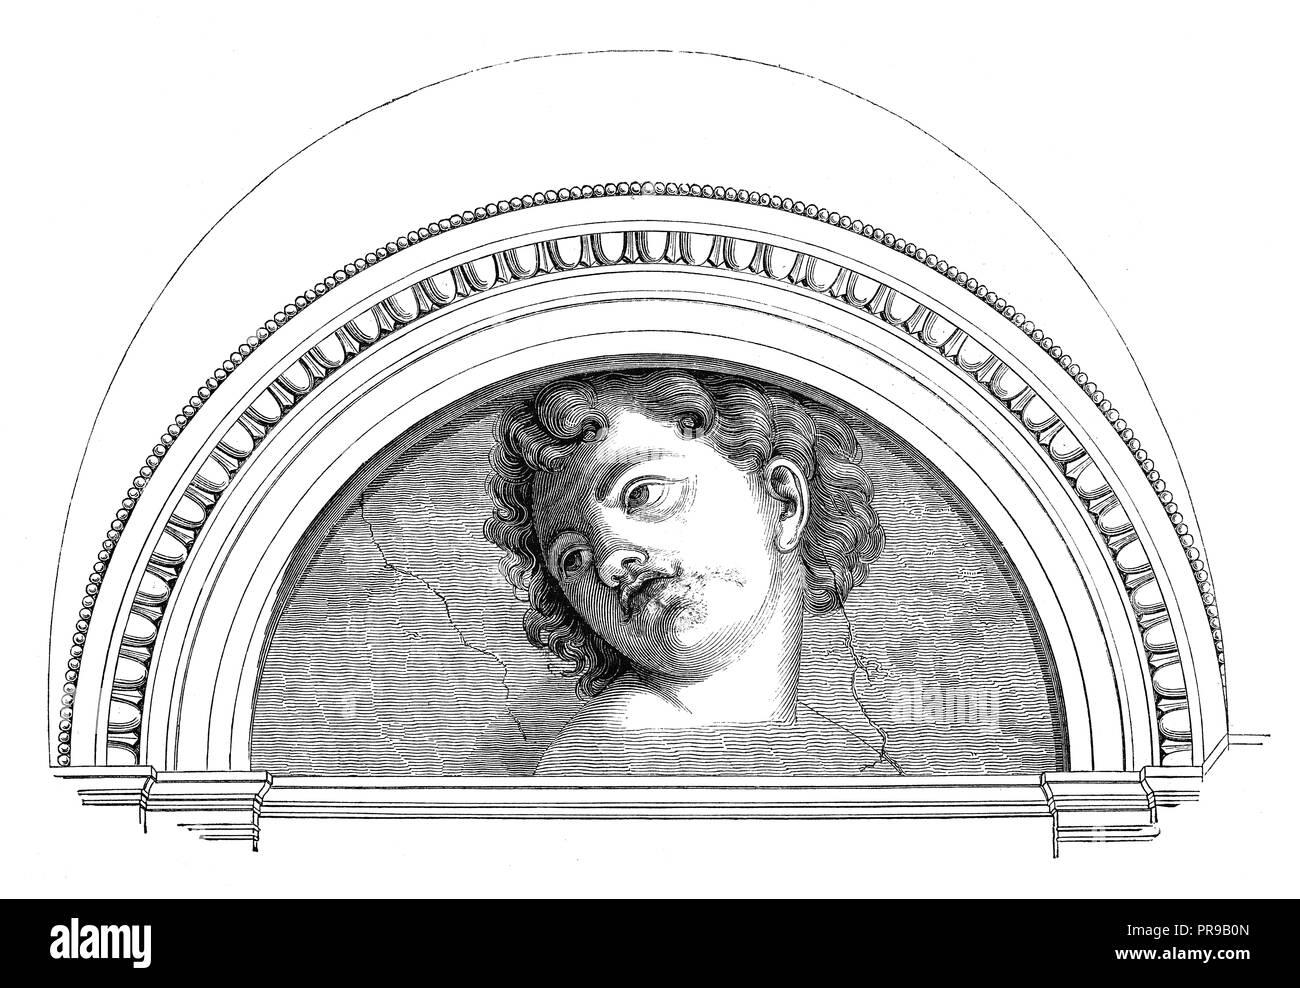 Xix secolo illustrazione di una testa disegnata da Michelangelo in Farnesina. Illustrazione originale pubblicato in Le magasin pittoresco da M. A. Lachevardiere, P Immagini Stock